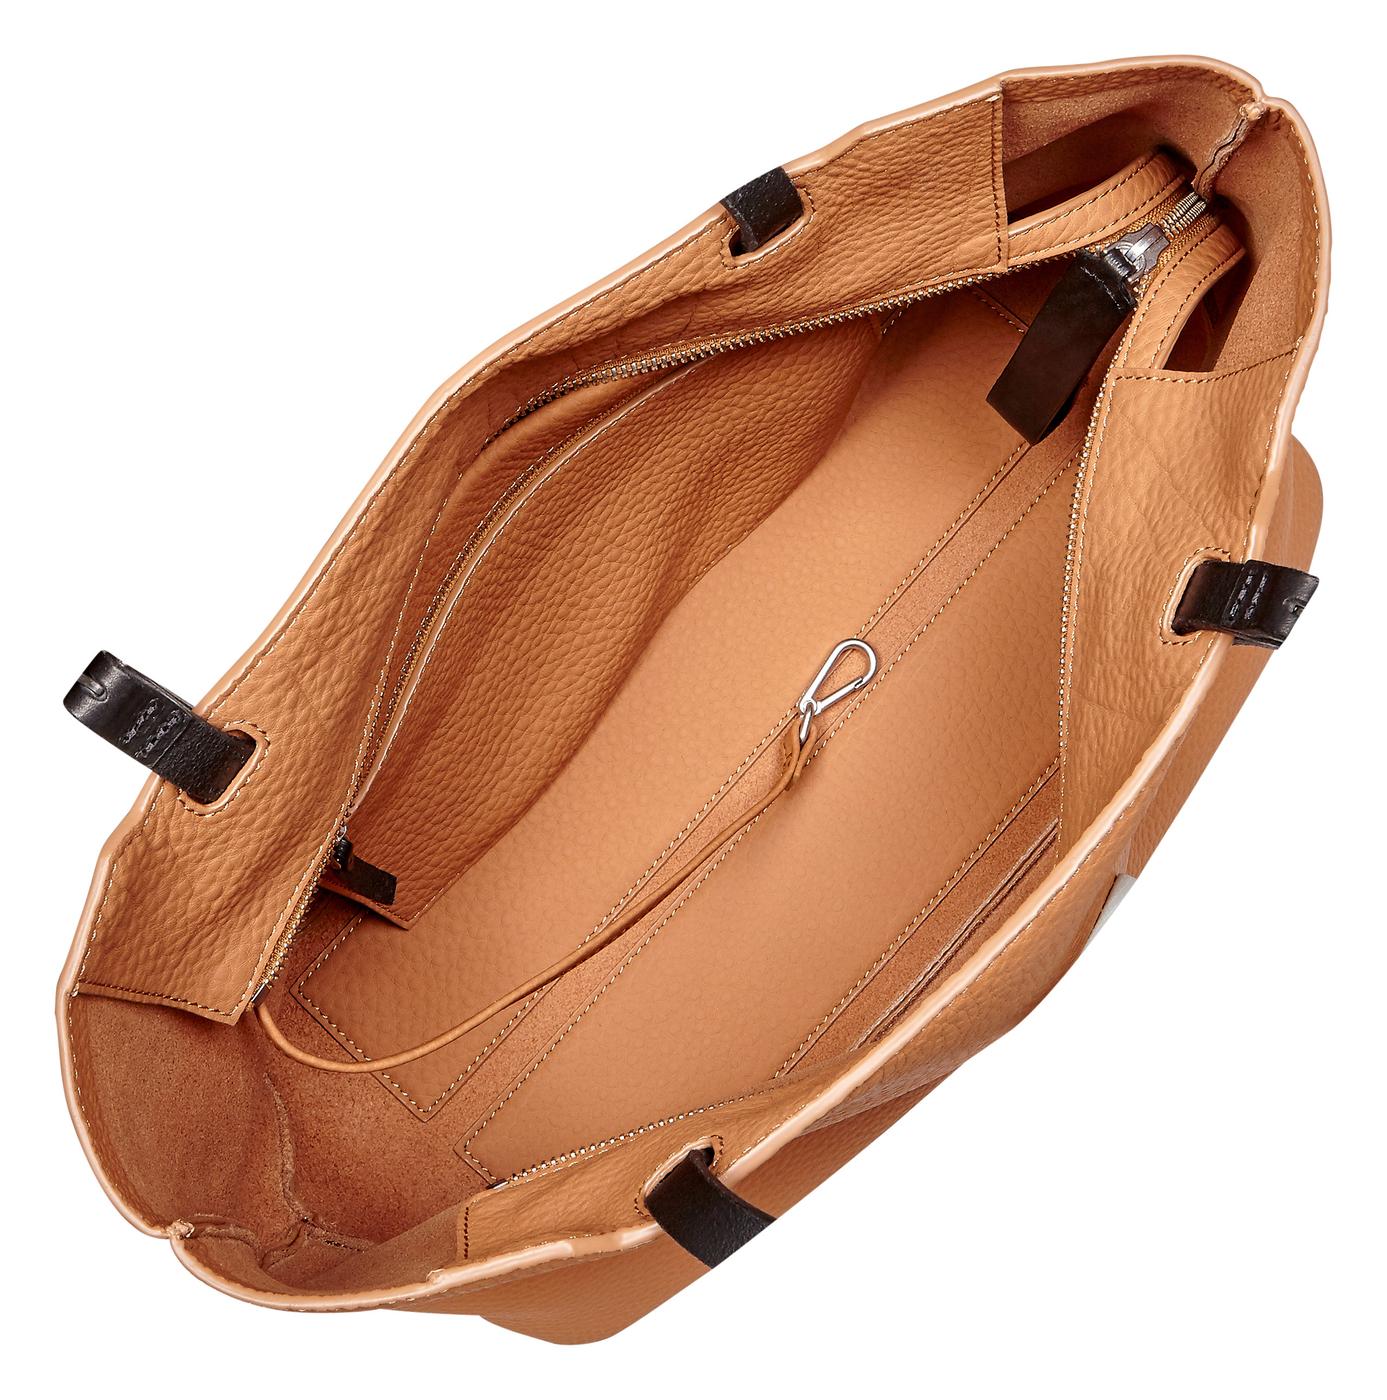 ECCO JILIN Medium Shopper Bag